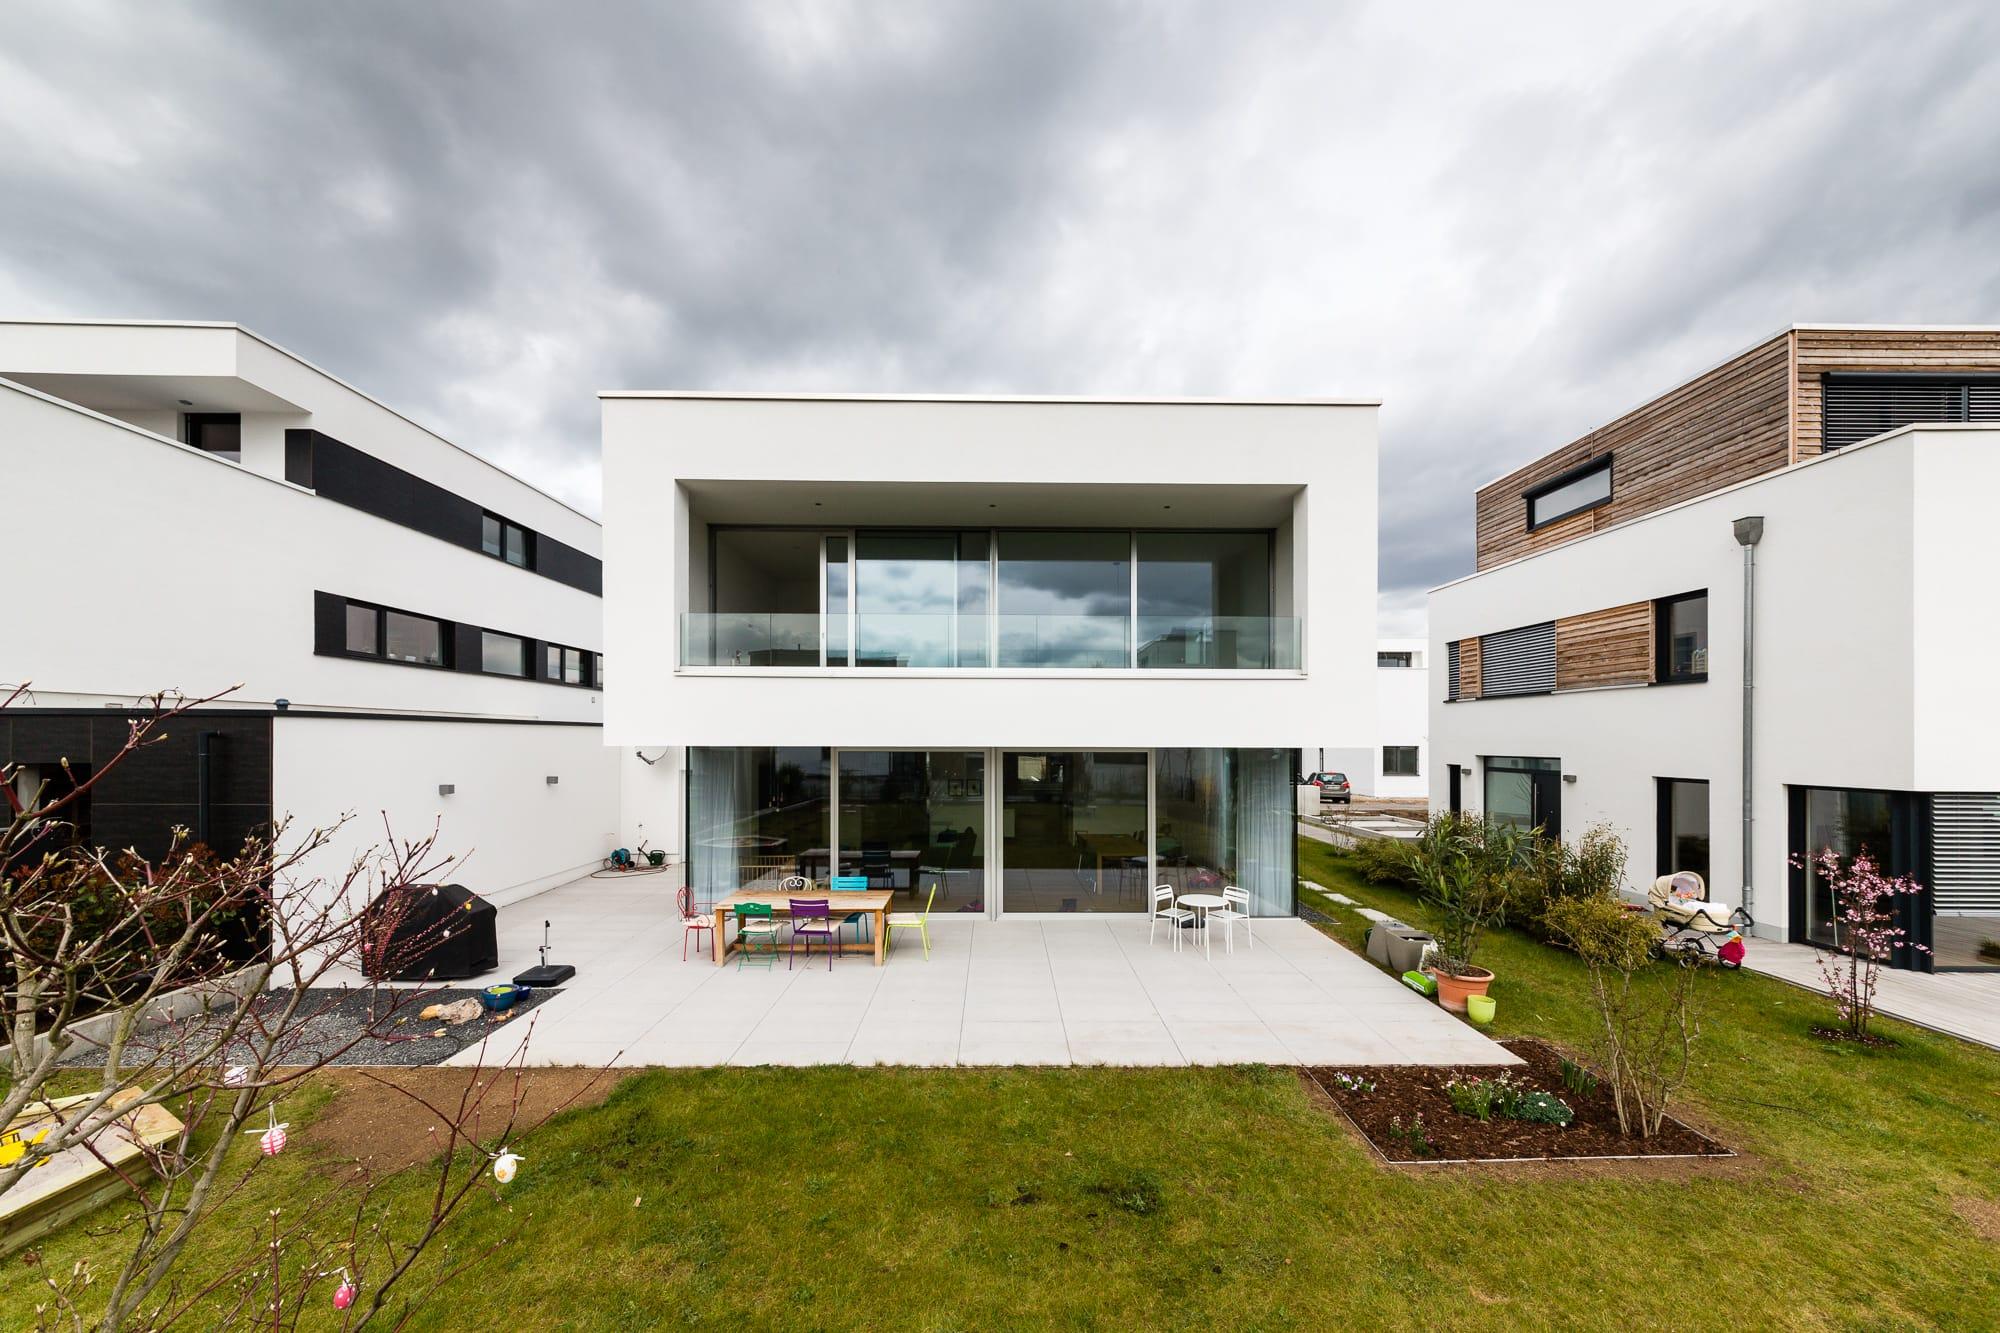 architektur wohnhaus s1 mainz querformat fotografie On architektur wohnhaus